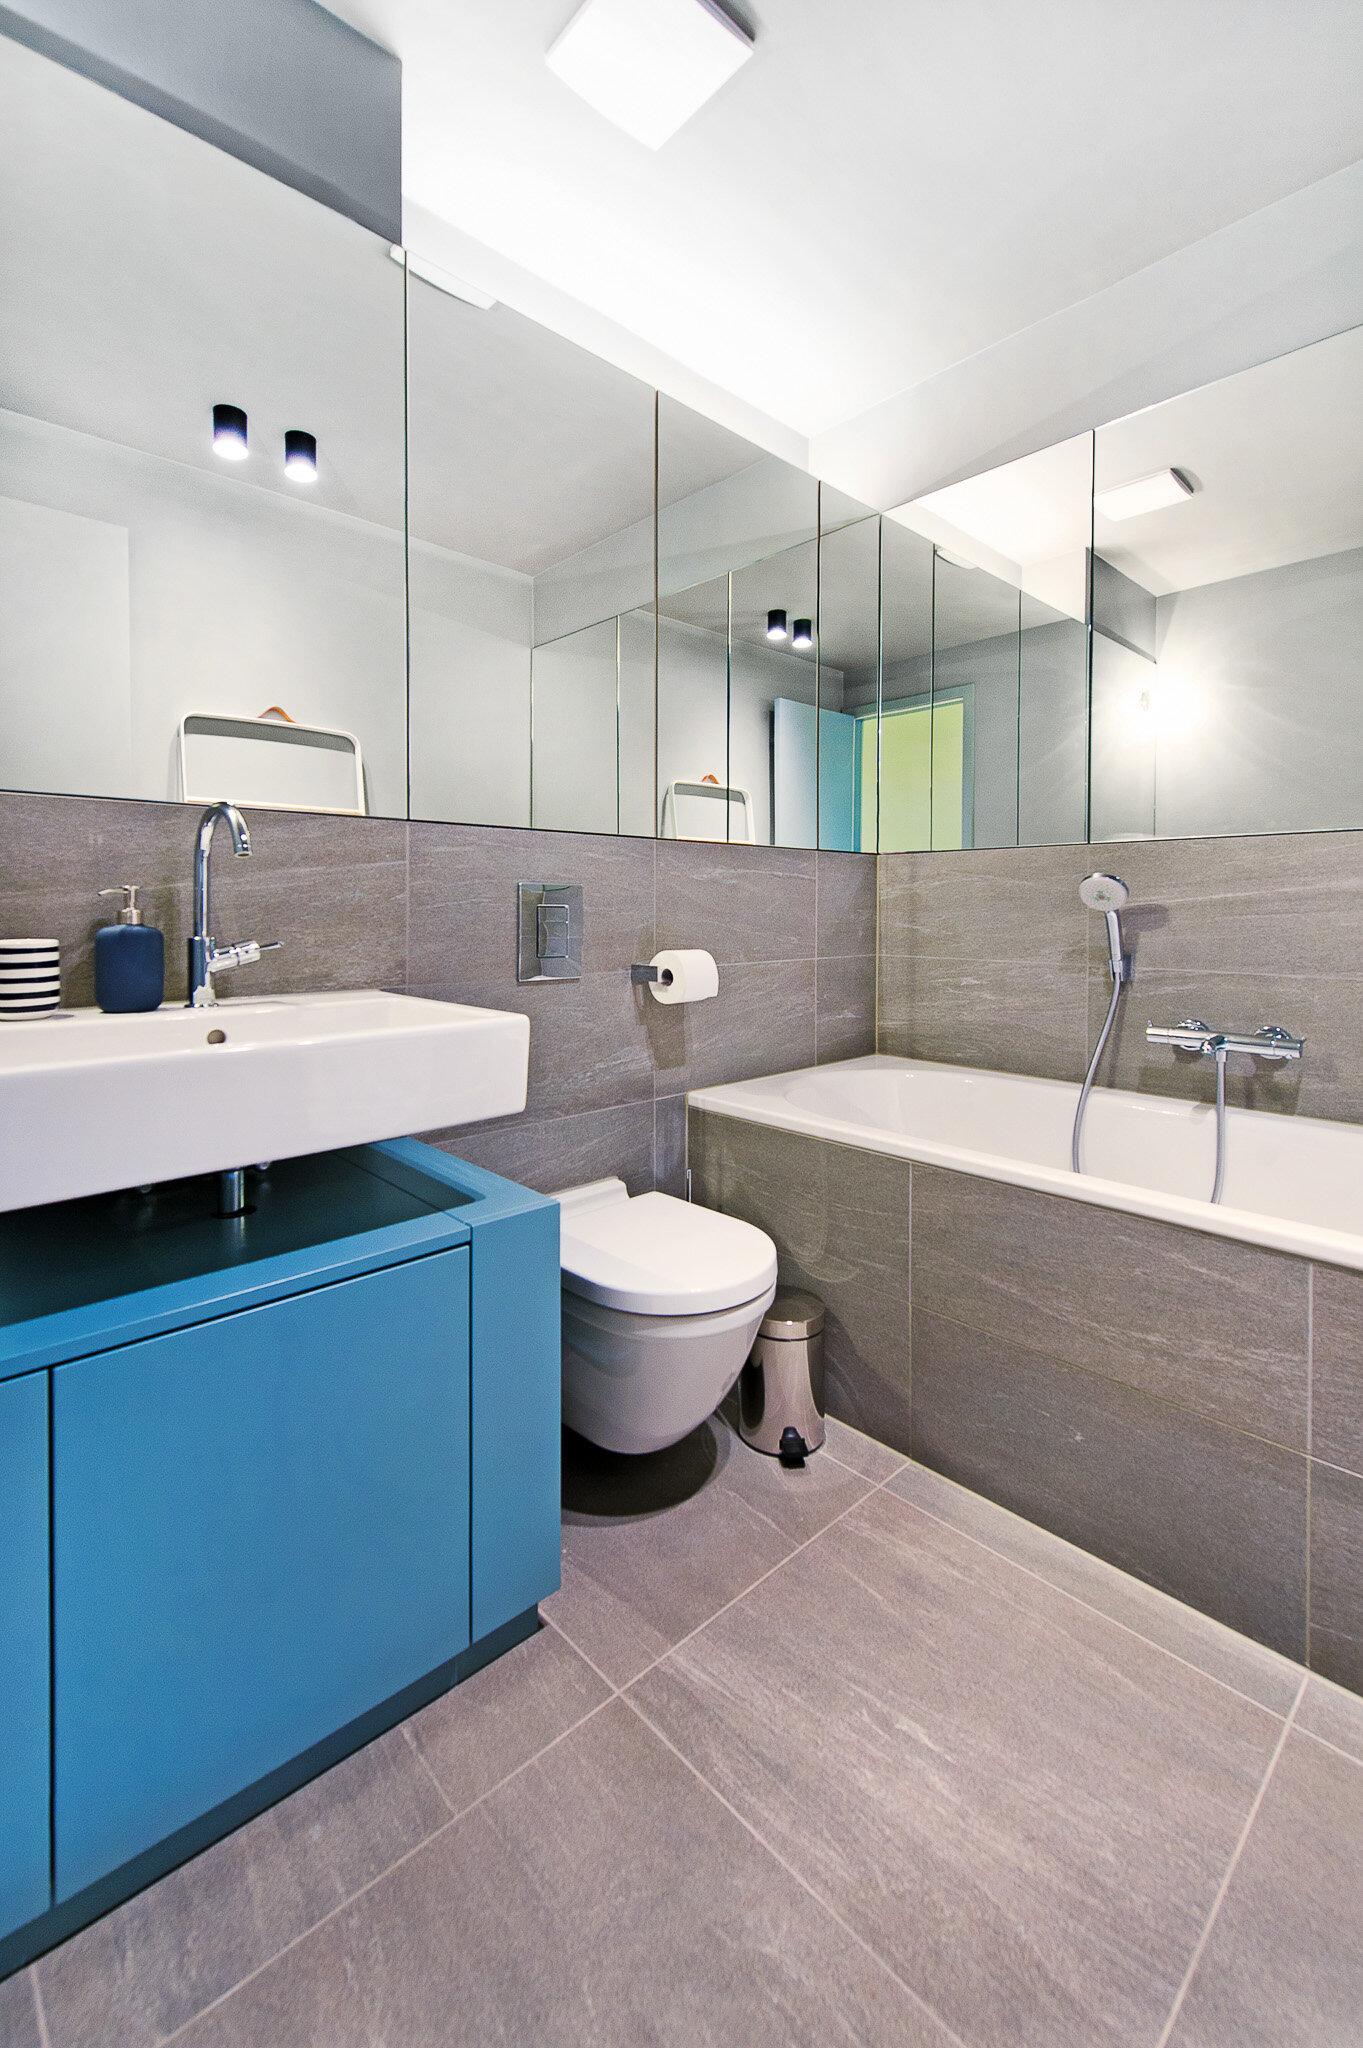 Badezimmer mit umlaufenden Spiegeln